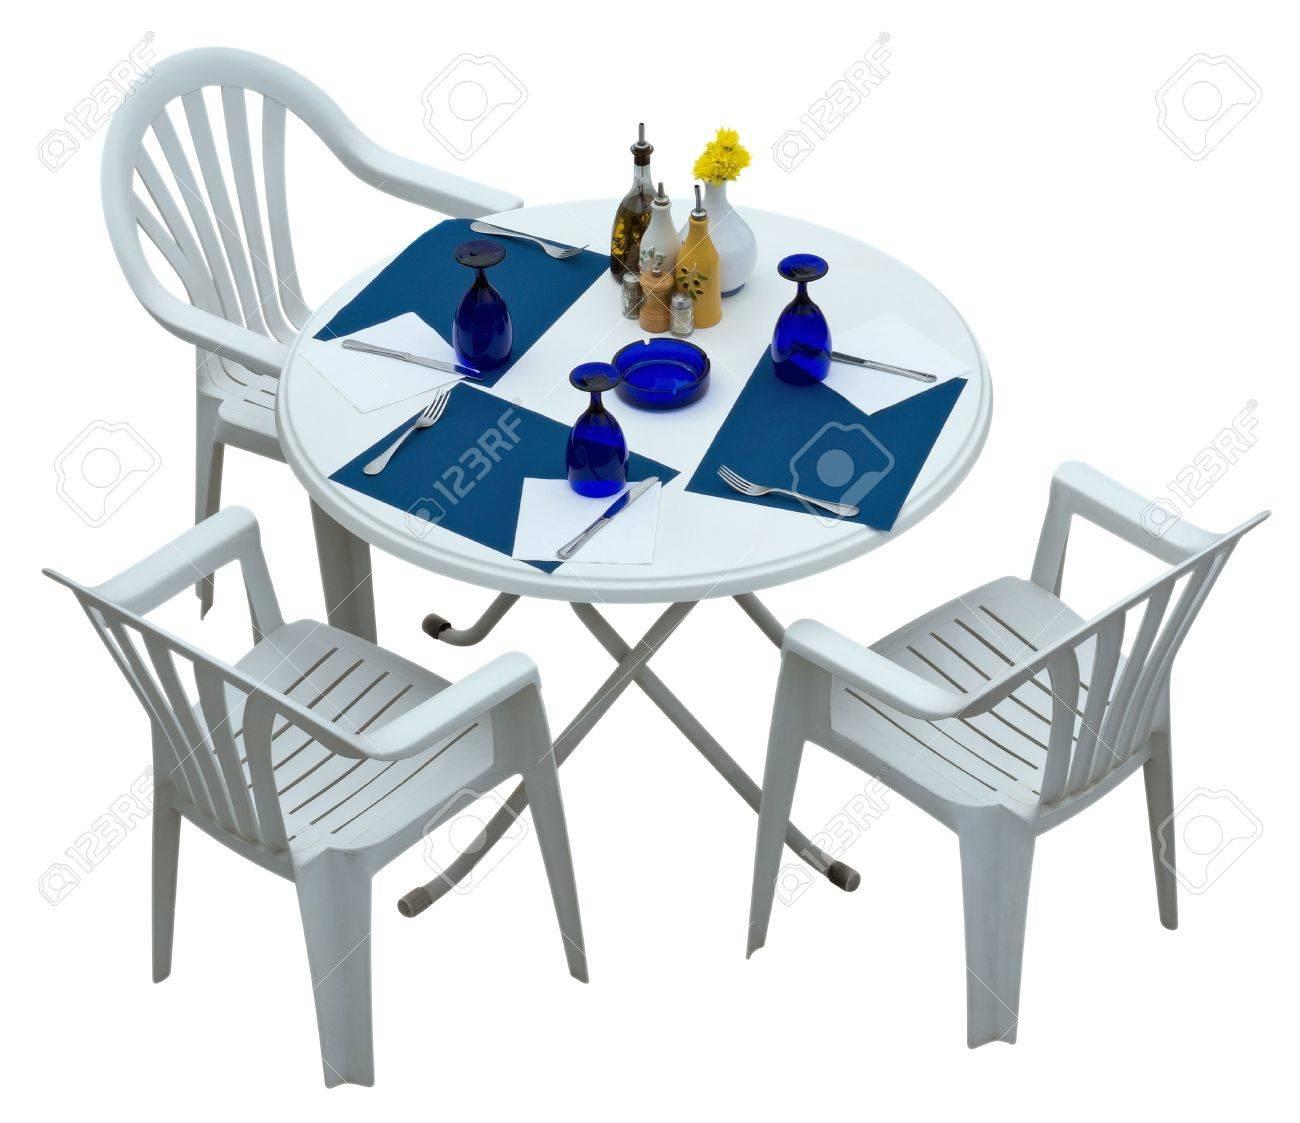 table en plastique avec des chaises isole sur blanc chemin de detourage inclus